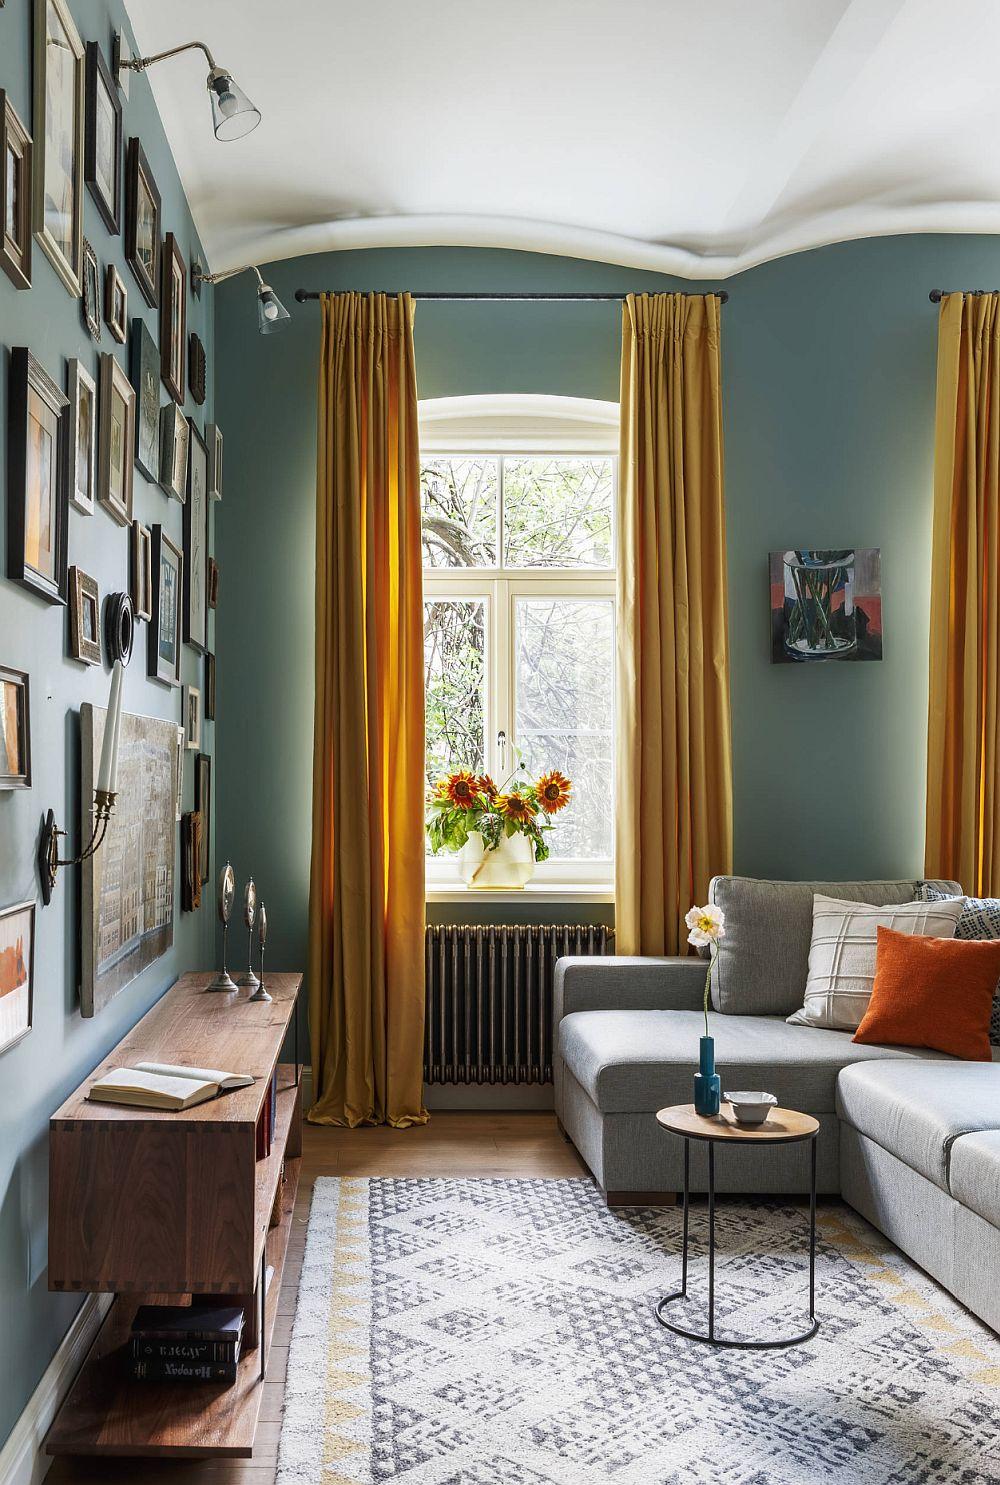 Accesul din hol se face direct în zona de zi, unde funcțiunile sunt înșiruite: living, sufragerie și bucătărie, iar în lateralul acestora este separat biroul și mai departe cămara.